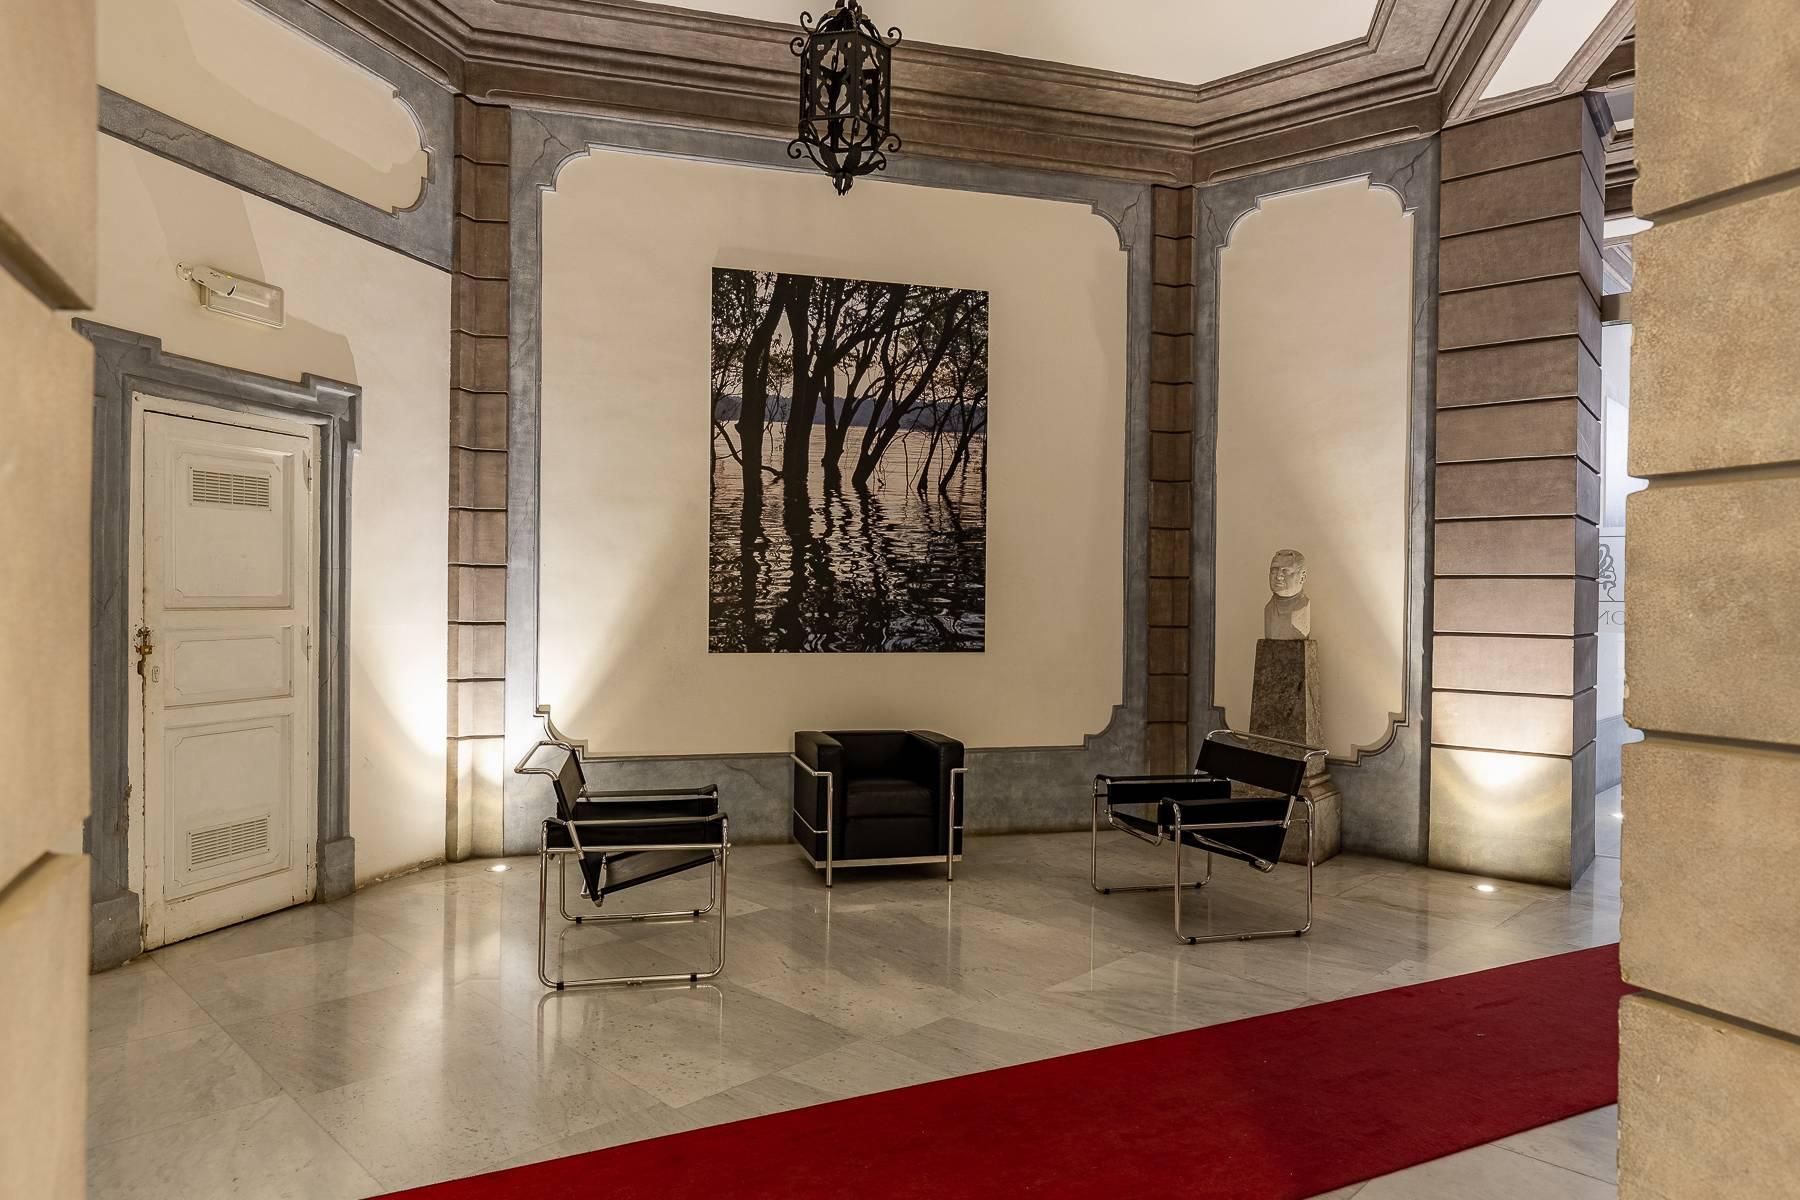 Appartamento in Vendita a Palermo: 4 locali, 154 mq - Foto 30